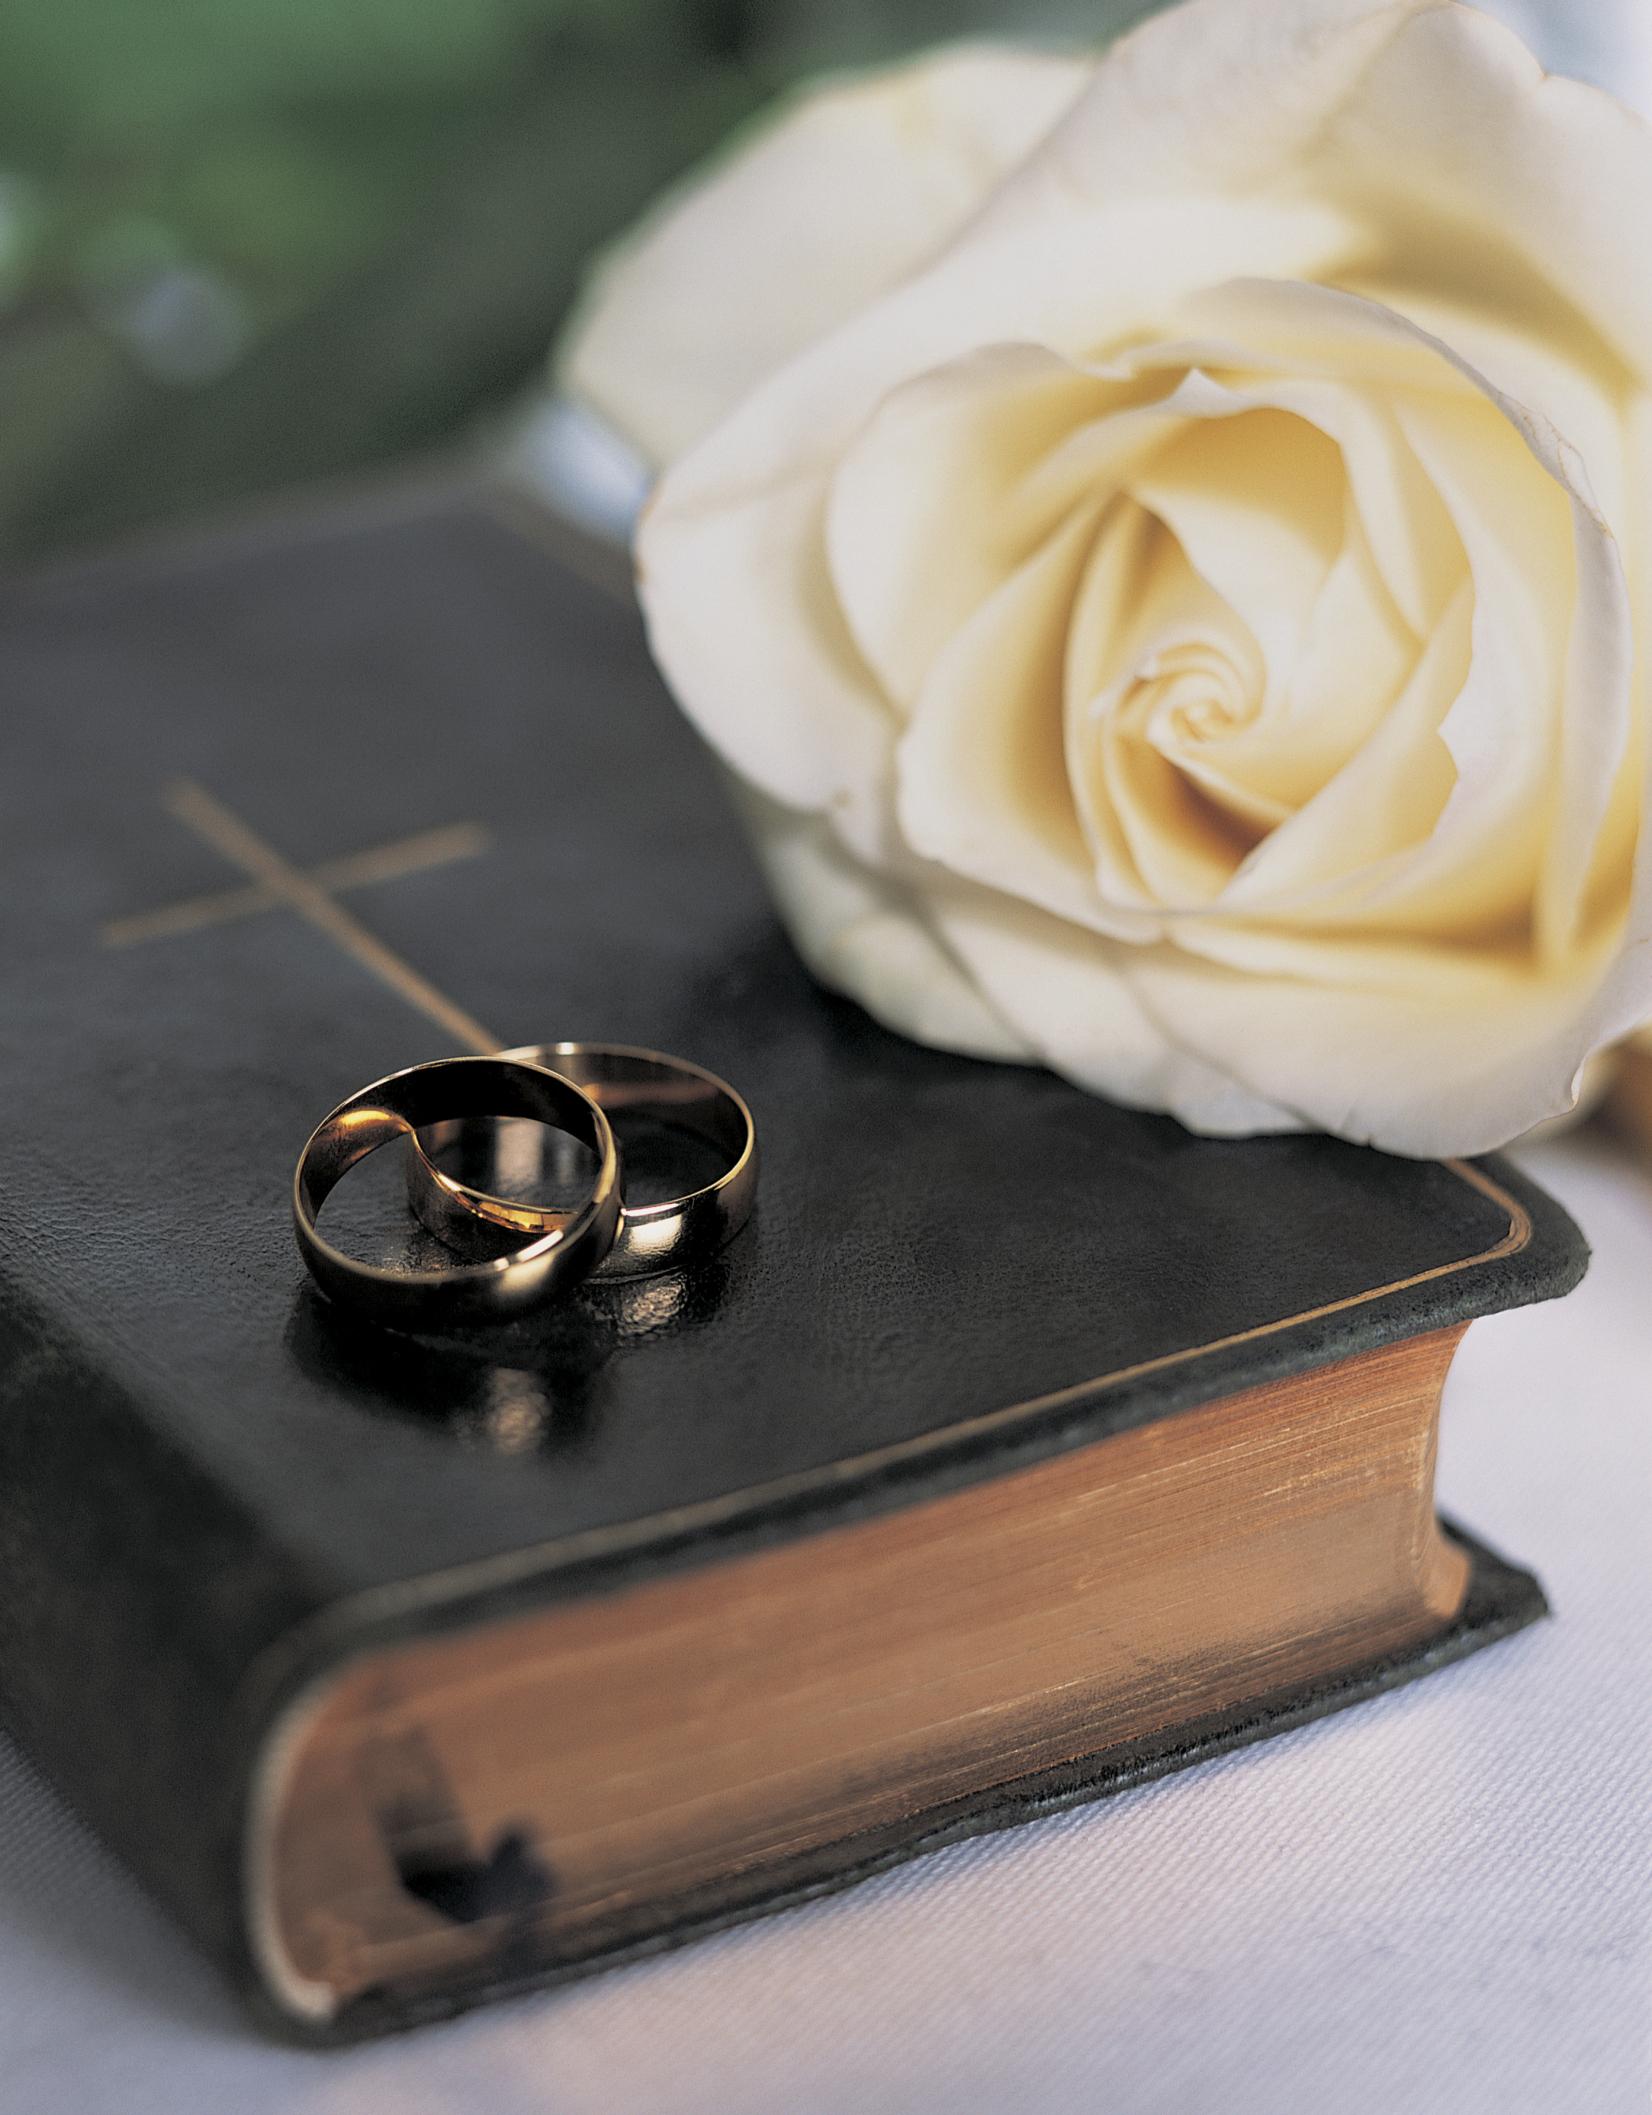 Religious Symbolism of Roses